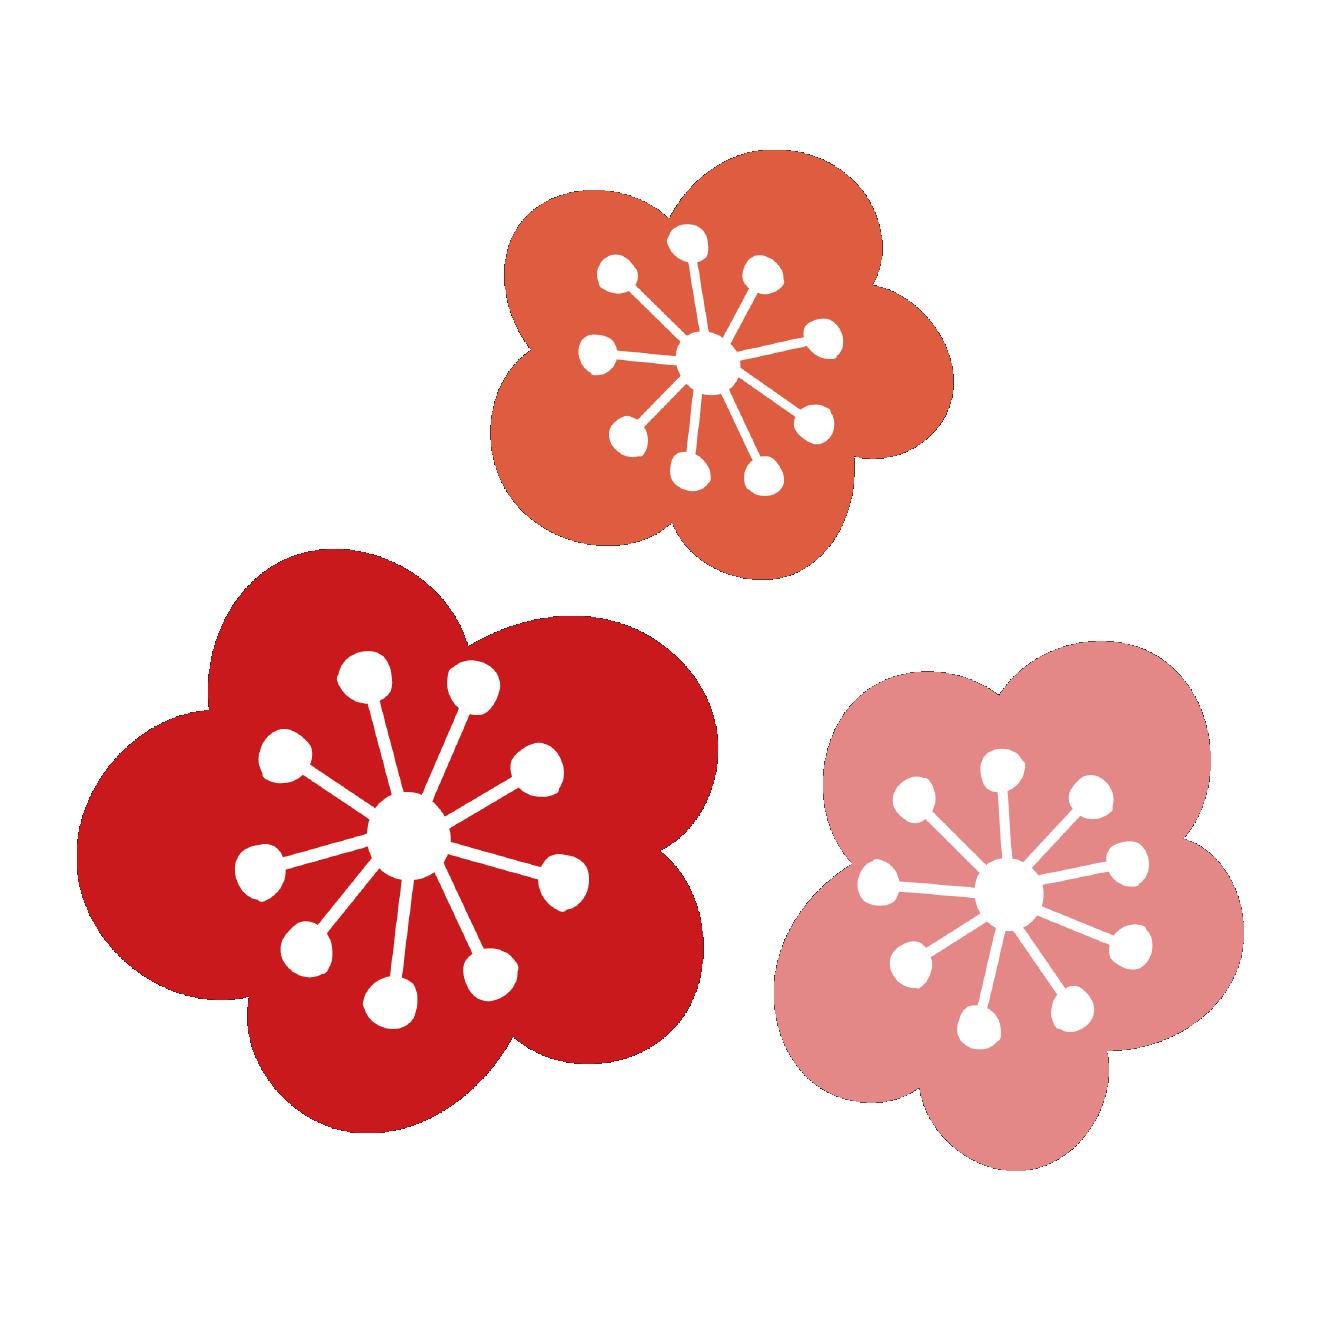 花】かわいい梅(ウメ)の花のイラスト | 商用フリー(無料)のイラスト